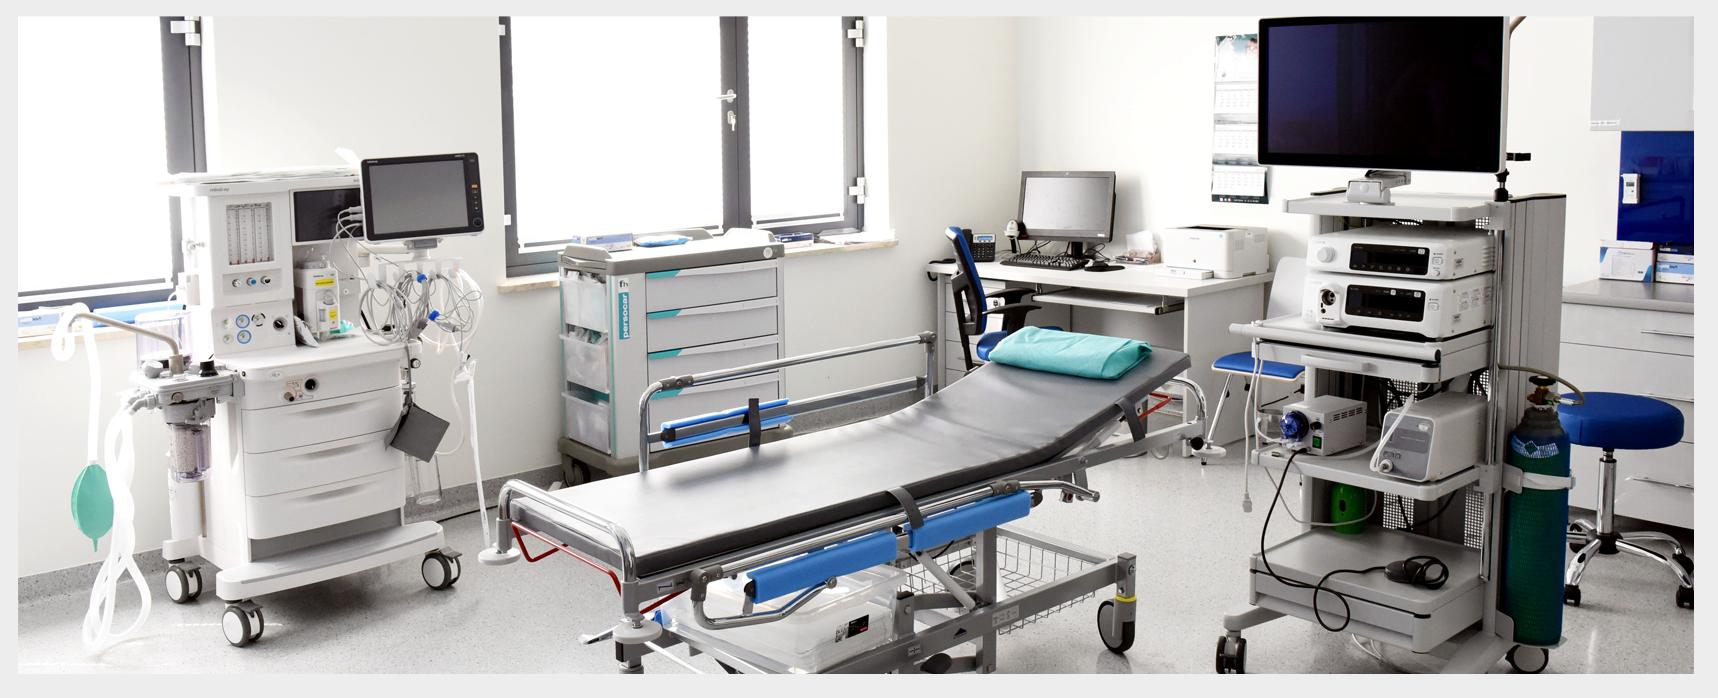 Wnętrze pracowni endoskopii przy ul. Klaudyny 26 B